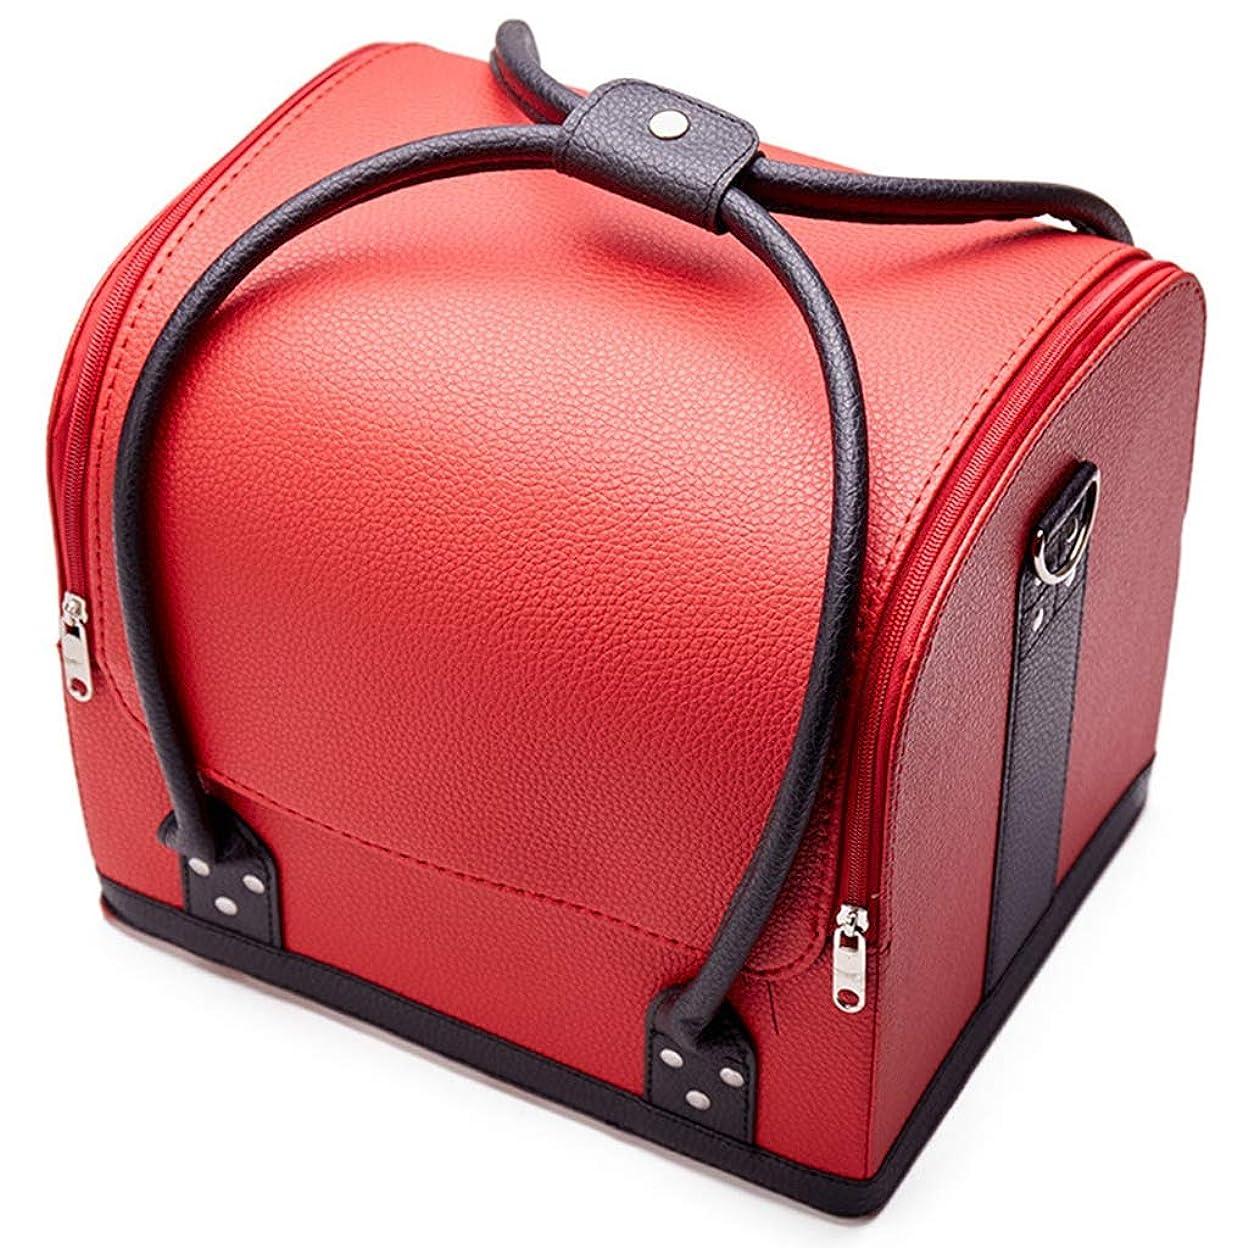 気付く冒険者大統領[テンカ] メイクボックス コスメボックス 赤黒 ネイリストバッグ 化粧箱 収納ケース 収納ボックス 防水 洗える 化粧品?化粧道具入れ 自宅?出張?旅行?アウトドア撮影 プロ用 大容量 多機能